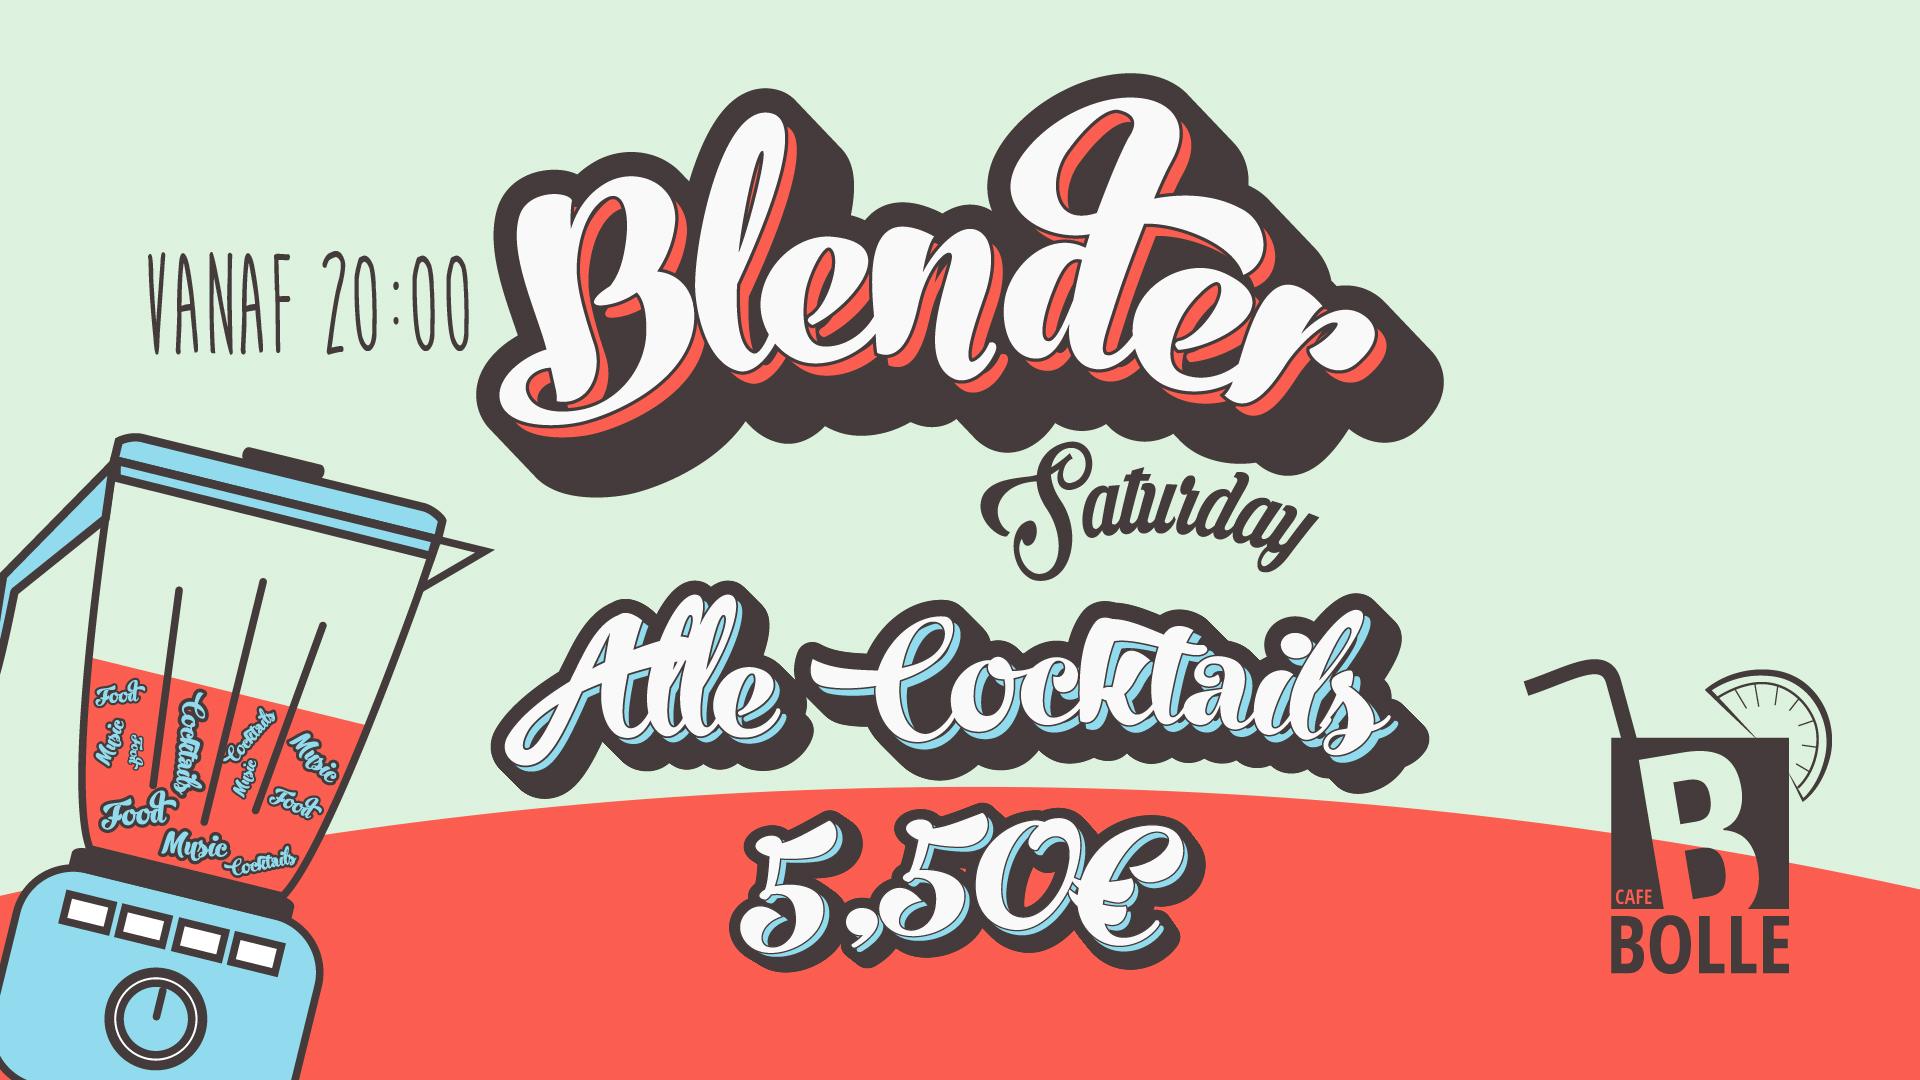 Iedere zaterdag: Blender Saturday